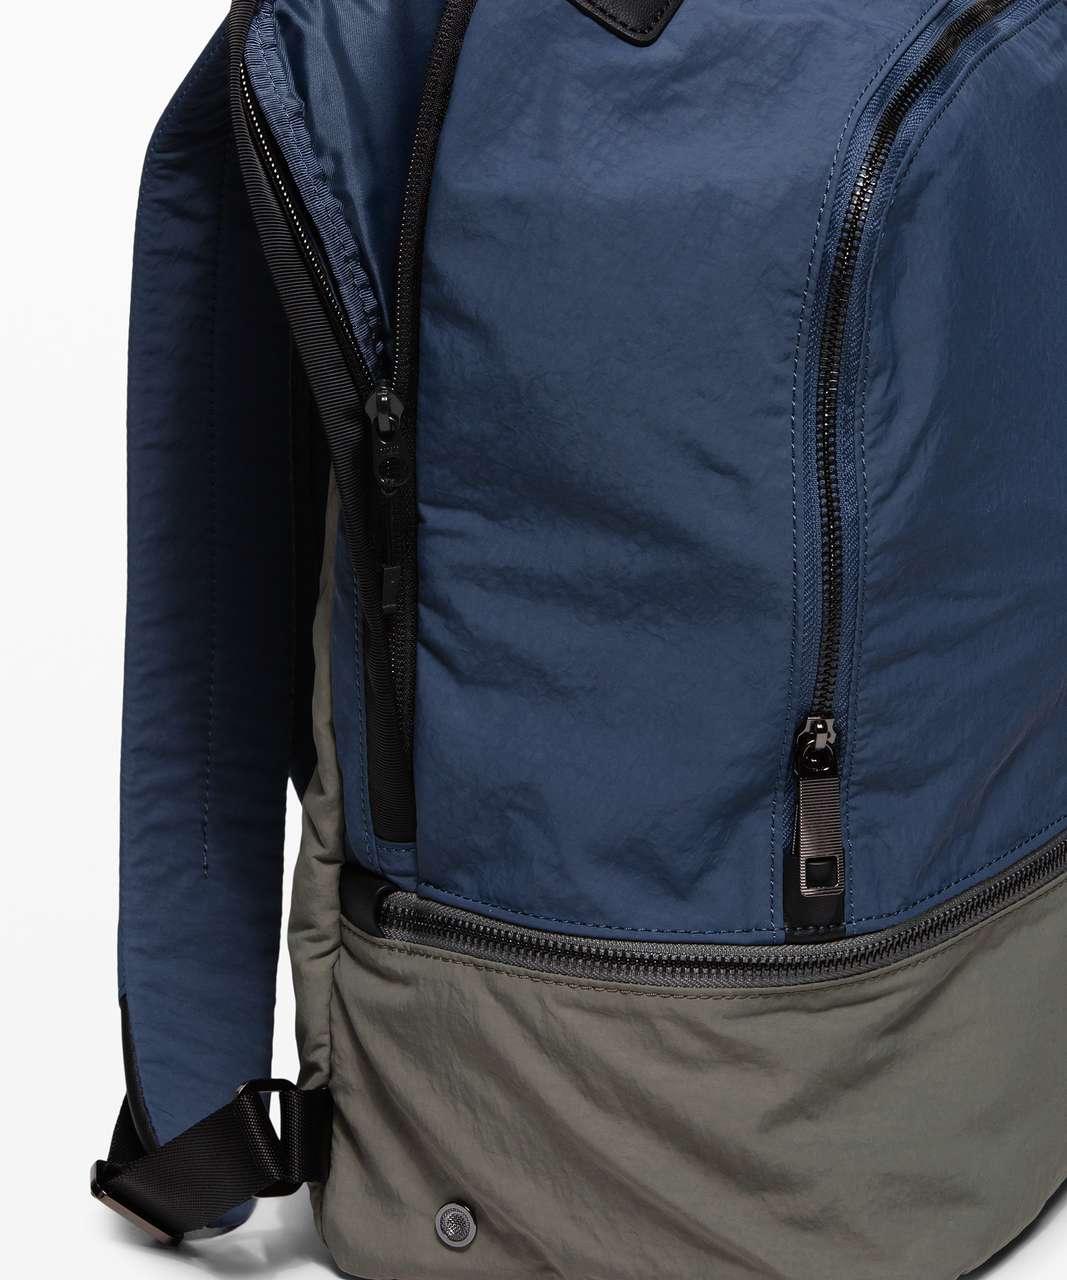 Lululemon City Adventurer Backpack *17L - Iron Blue / Grey Sage